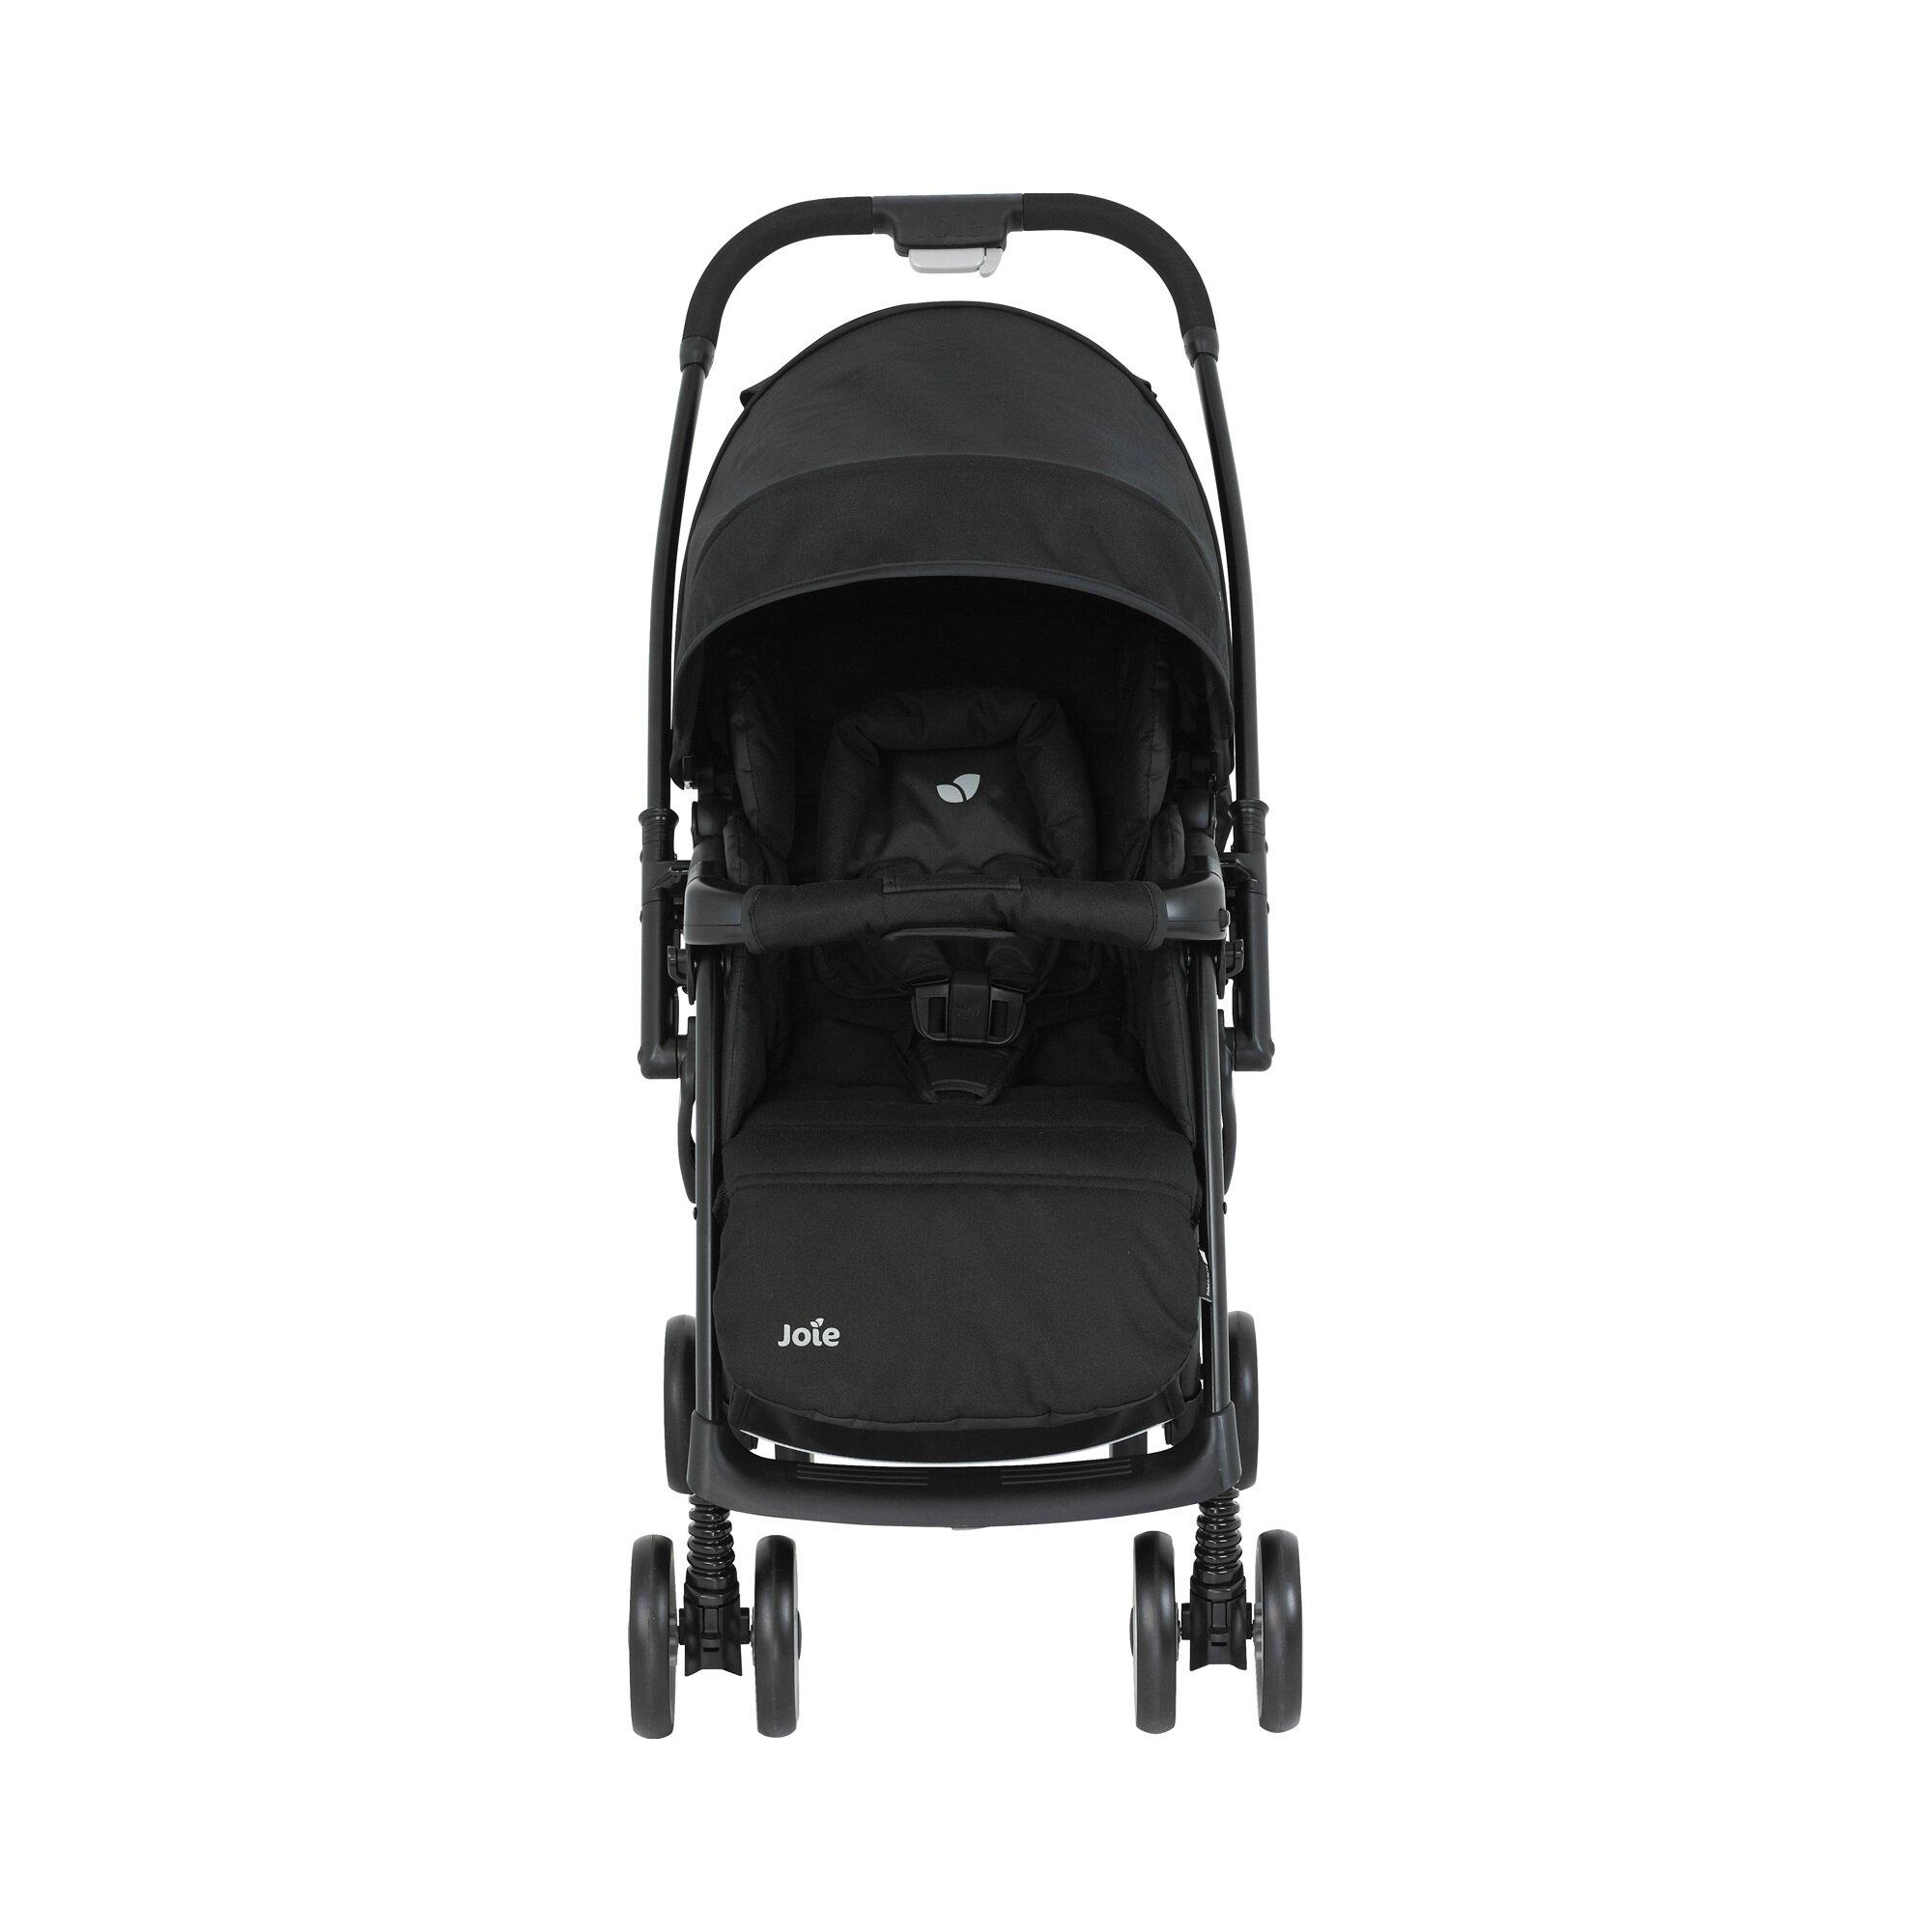 joie-mirus-kinderwagen-sportwagen-schwarz